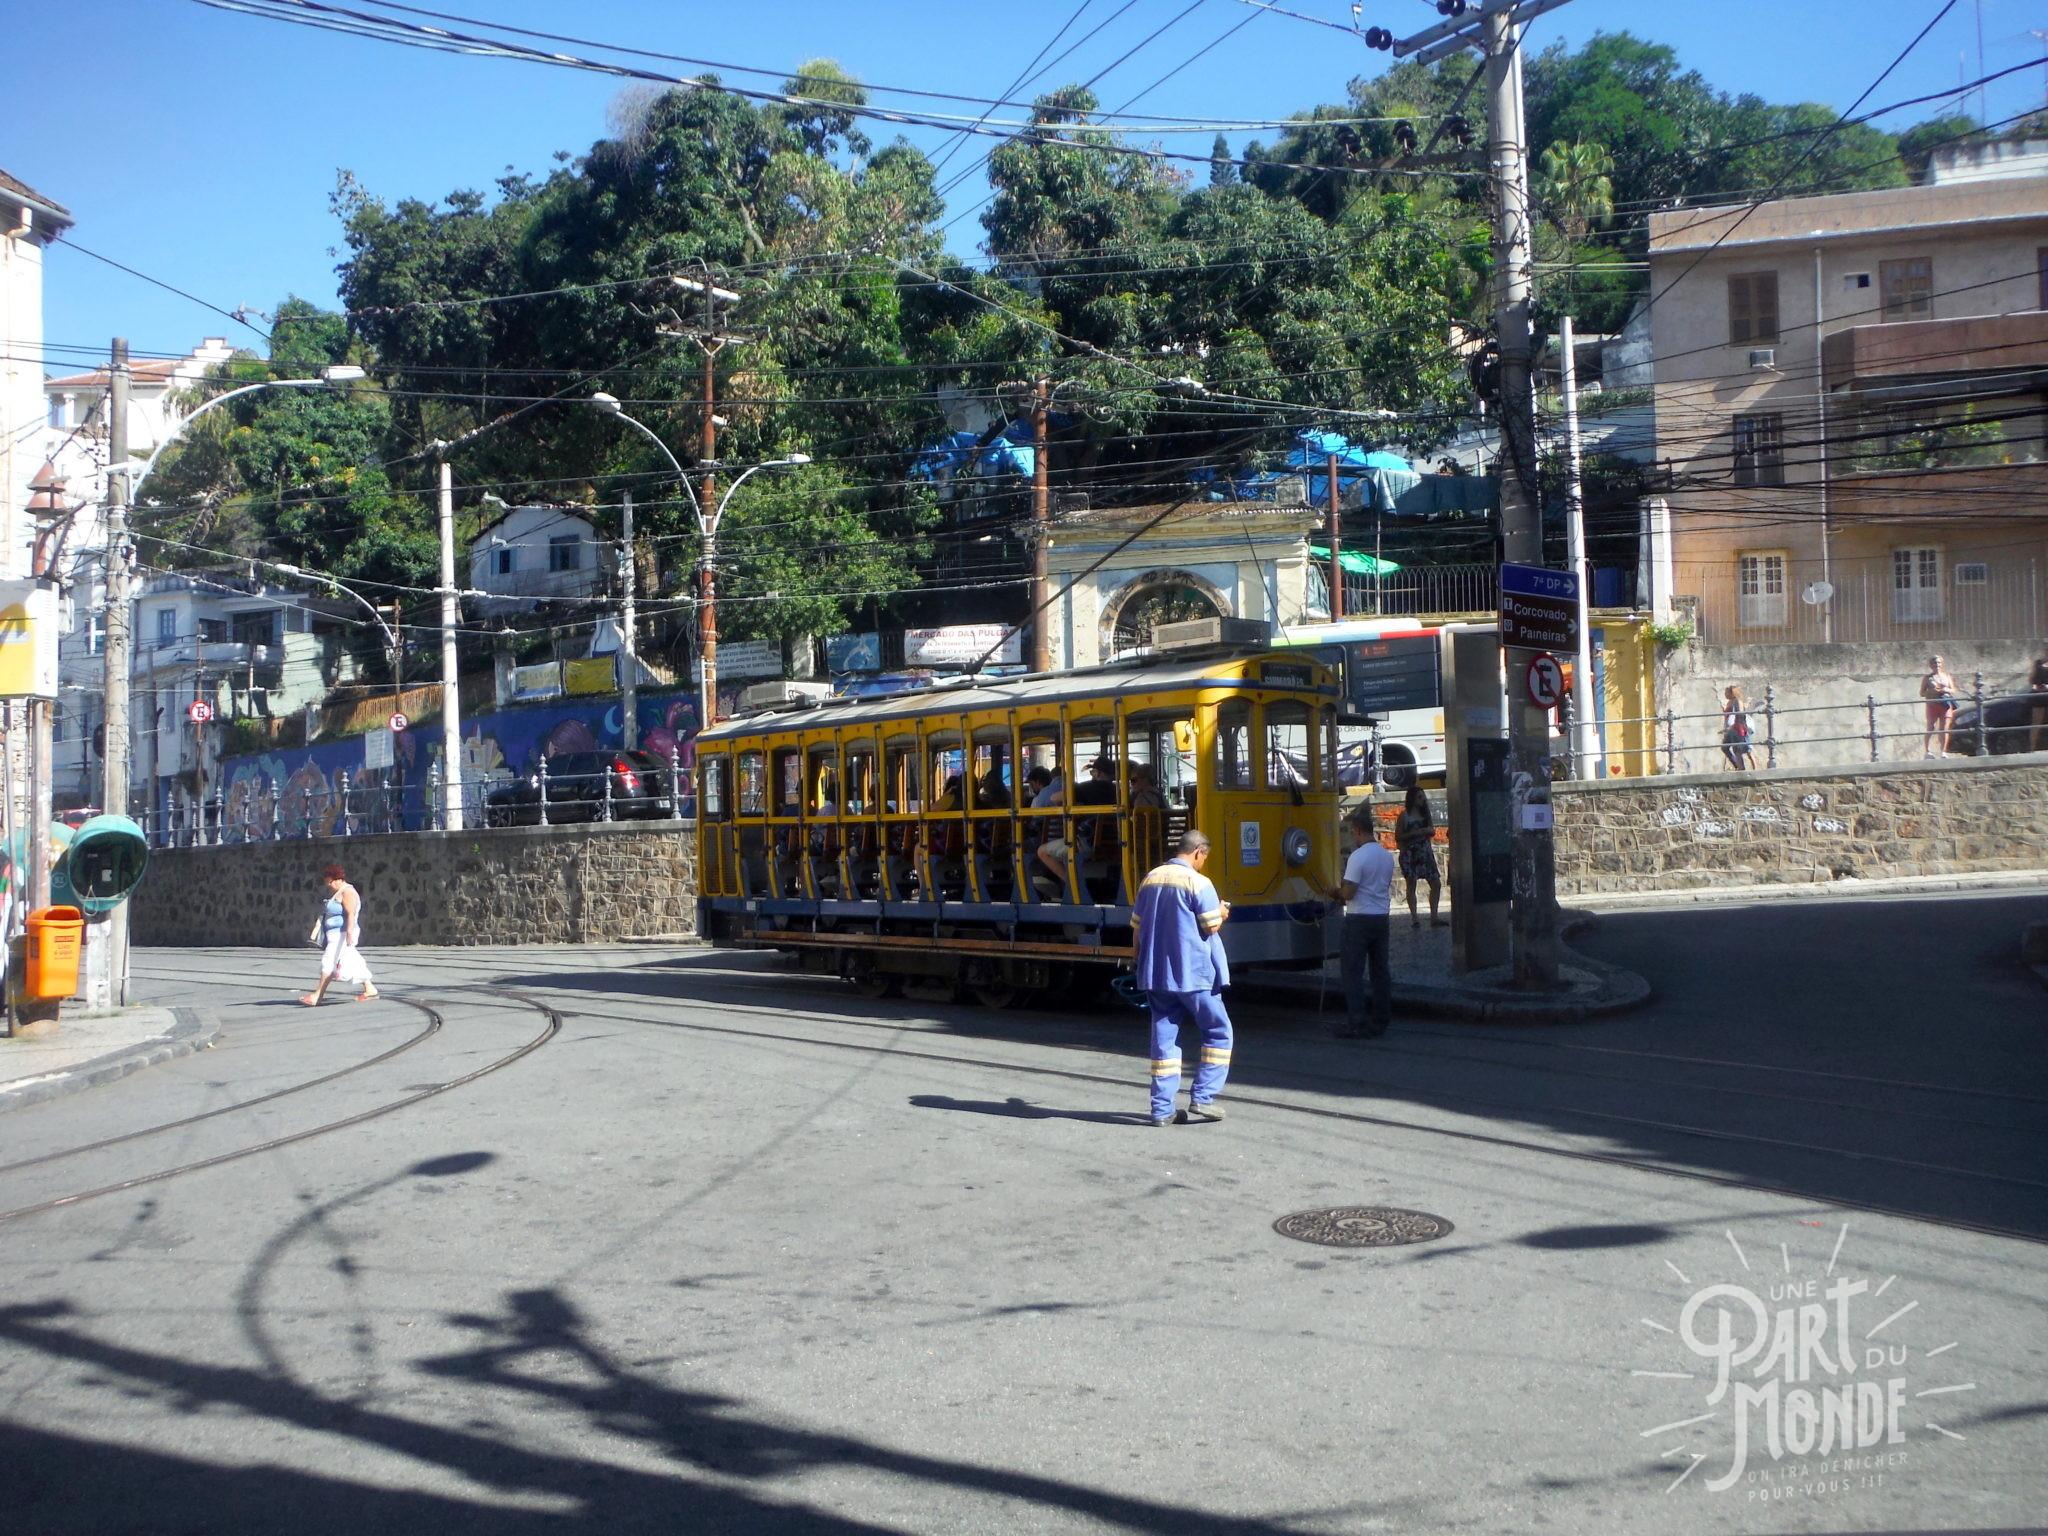 Conseils et bonnes adresses à rio de janeiro tram santa teresa